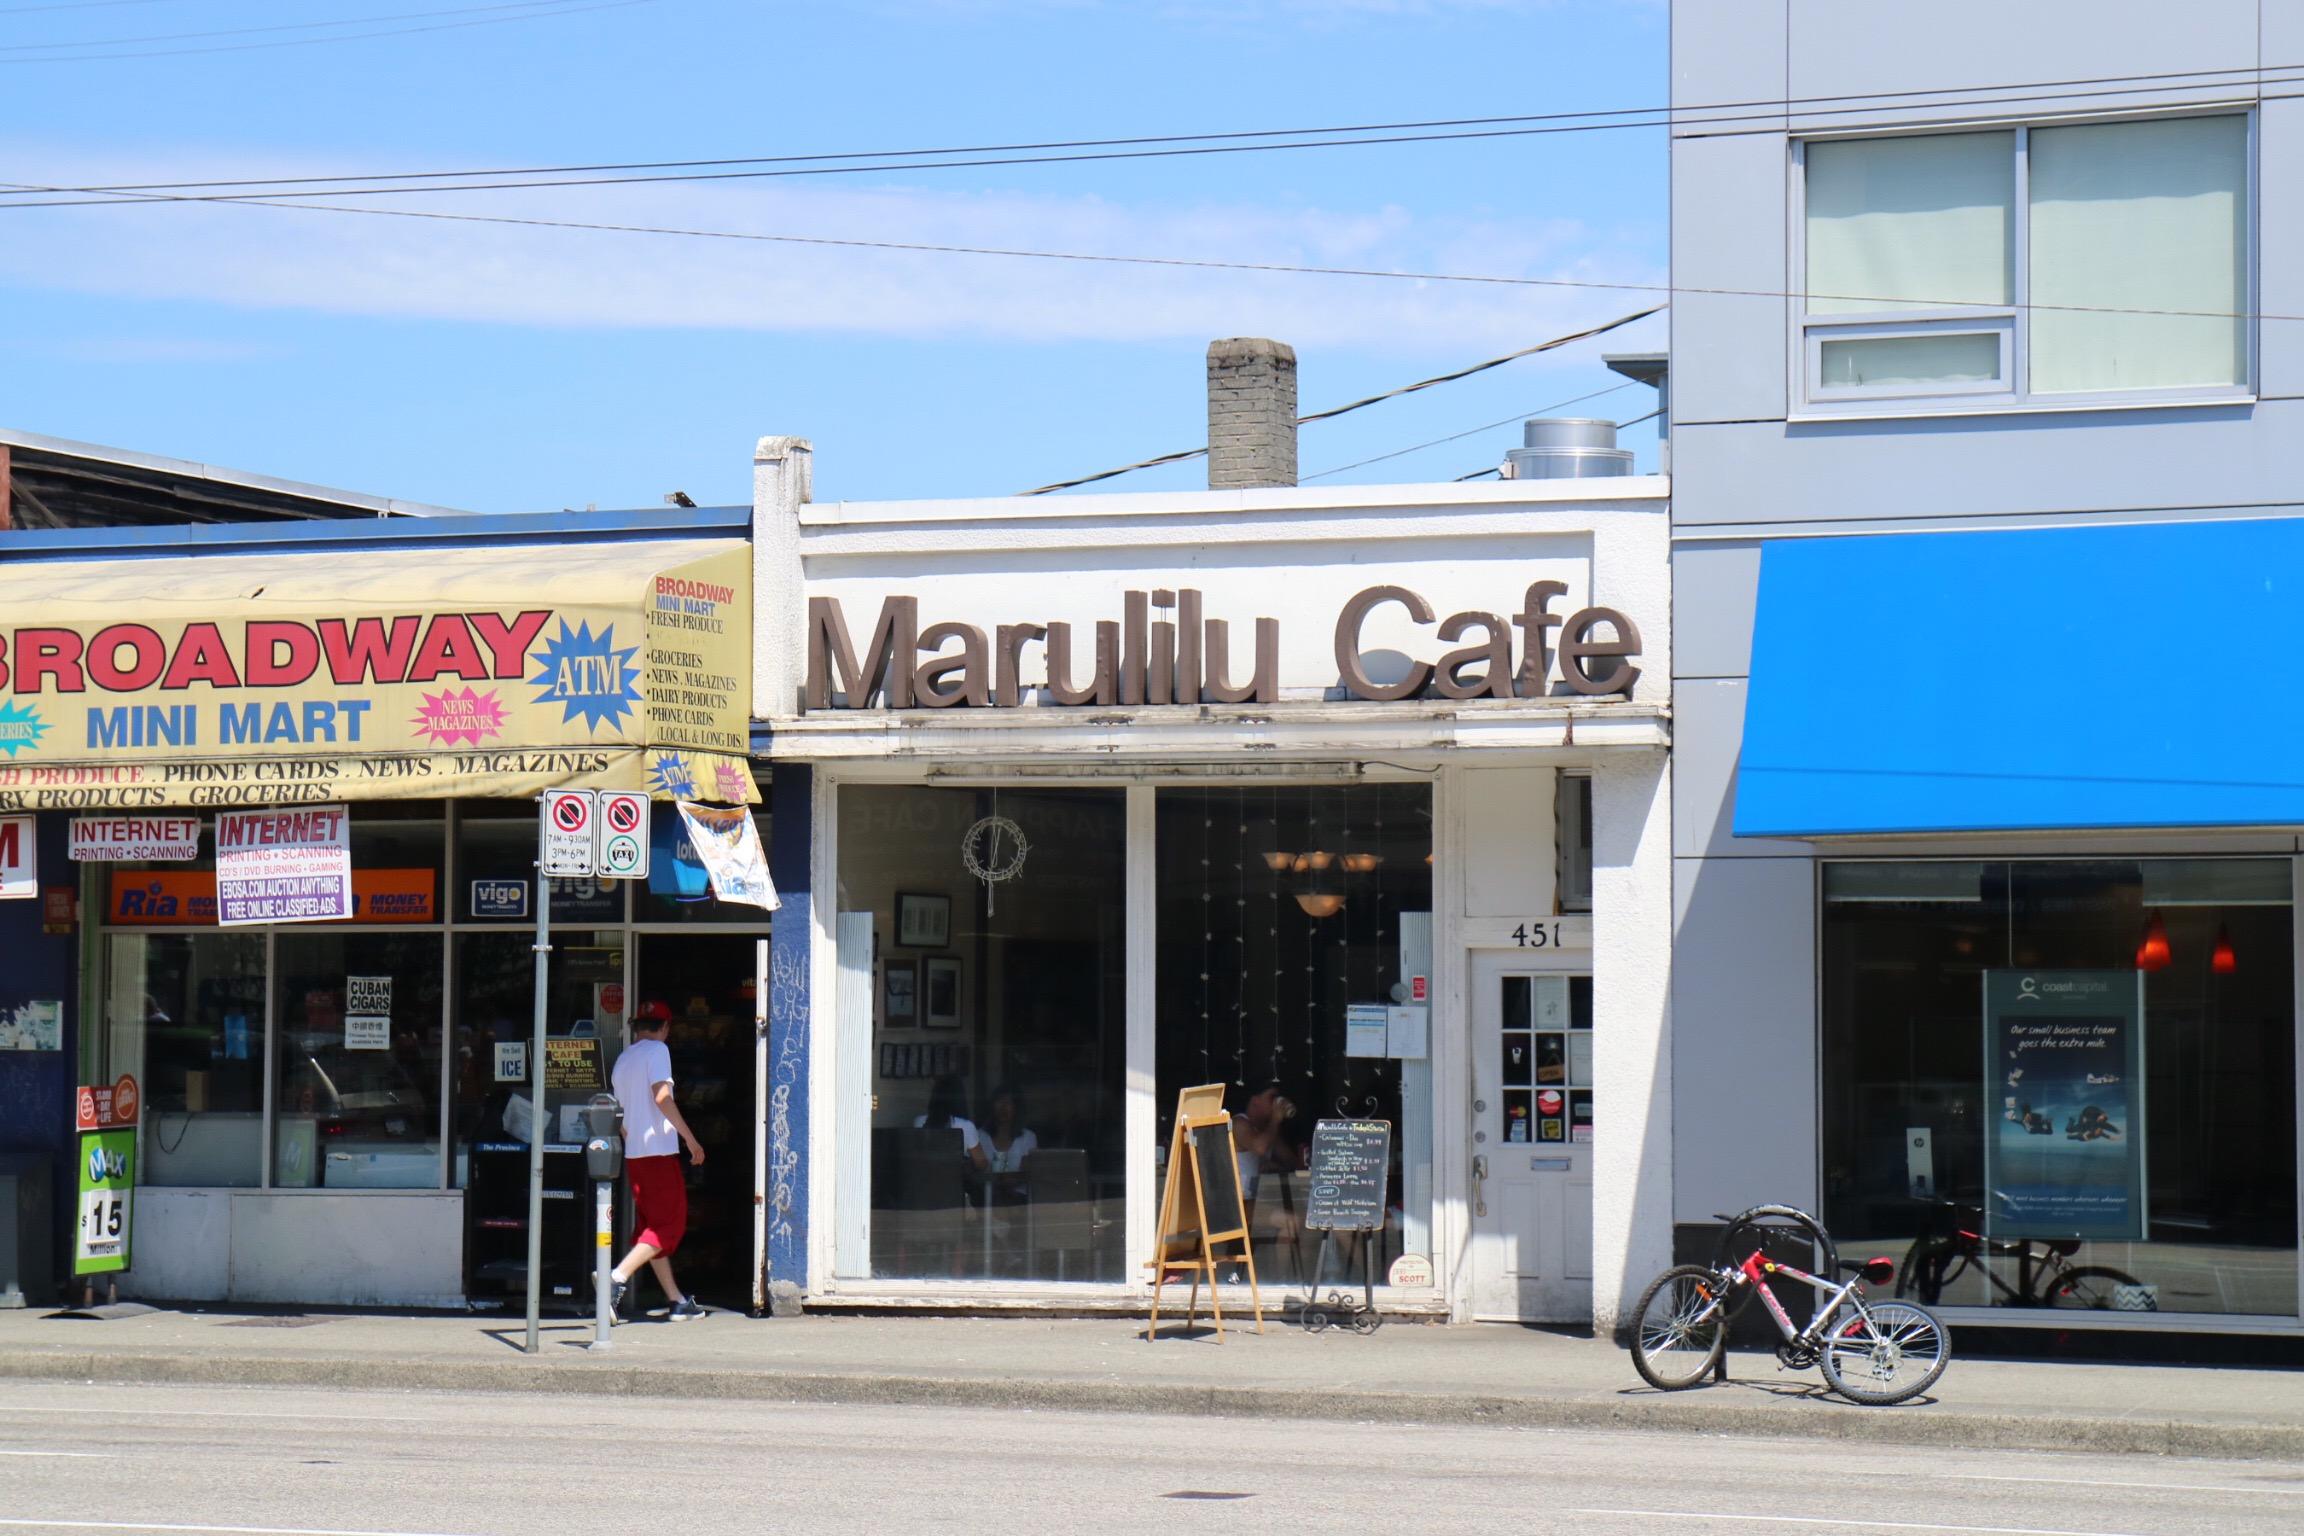 marulilu cafe by @pickydiner